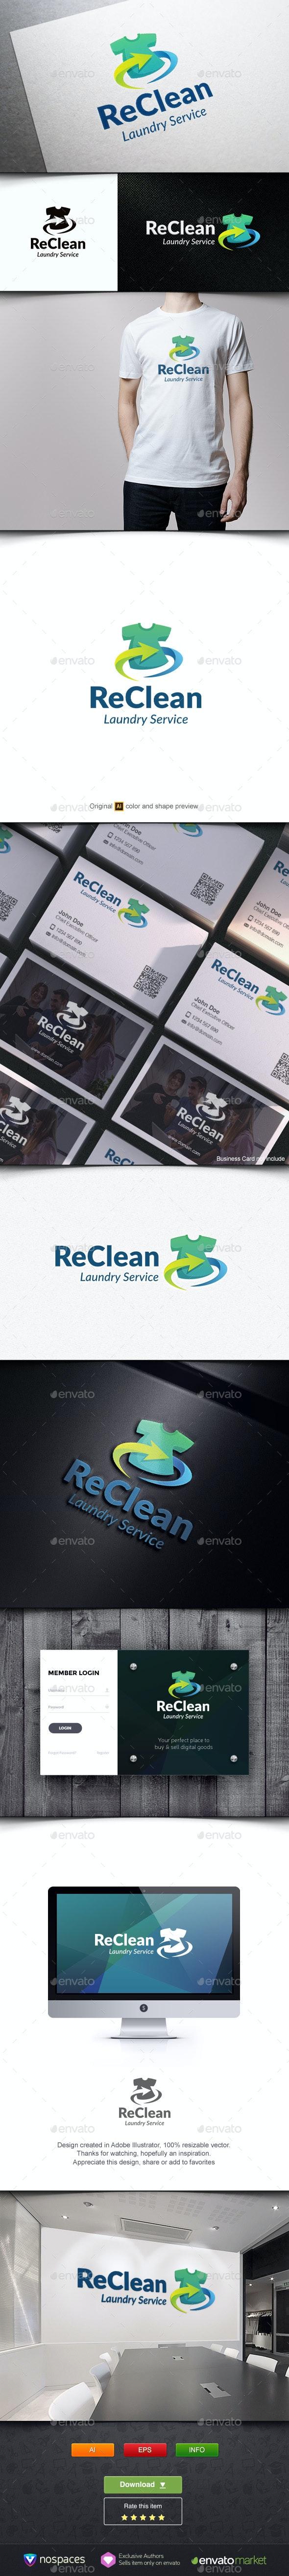 ReClean - Symbols Logo Templates